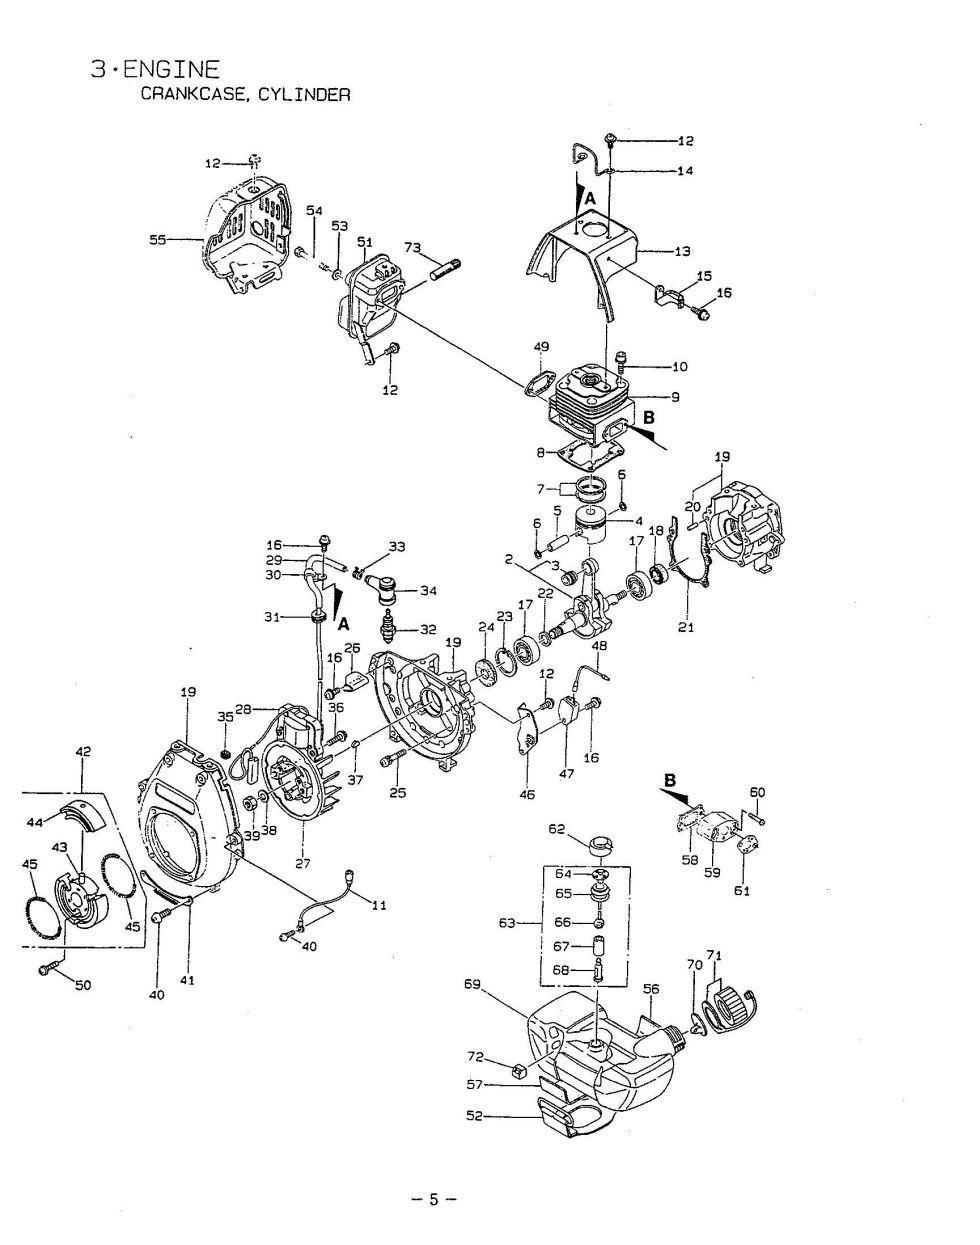 Maruyama Parts BC480 Engine Crankcase Cylinder